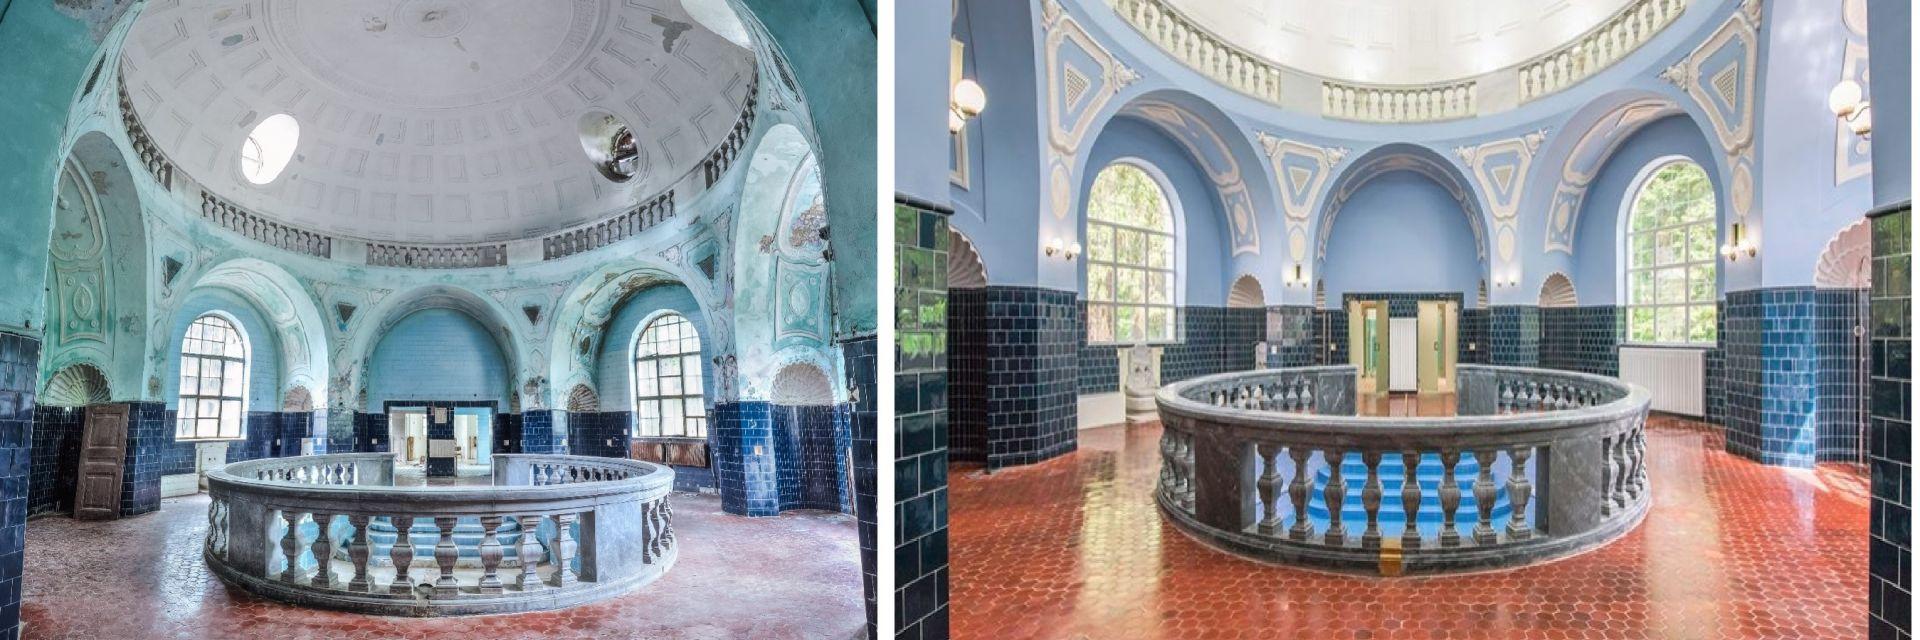 След реновирането на банята в Банкя ѝ търсят концесионер (снимки)